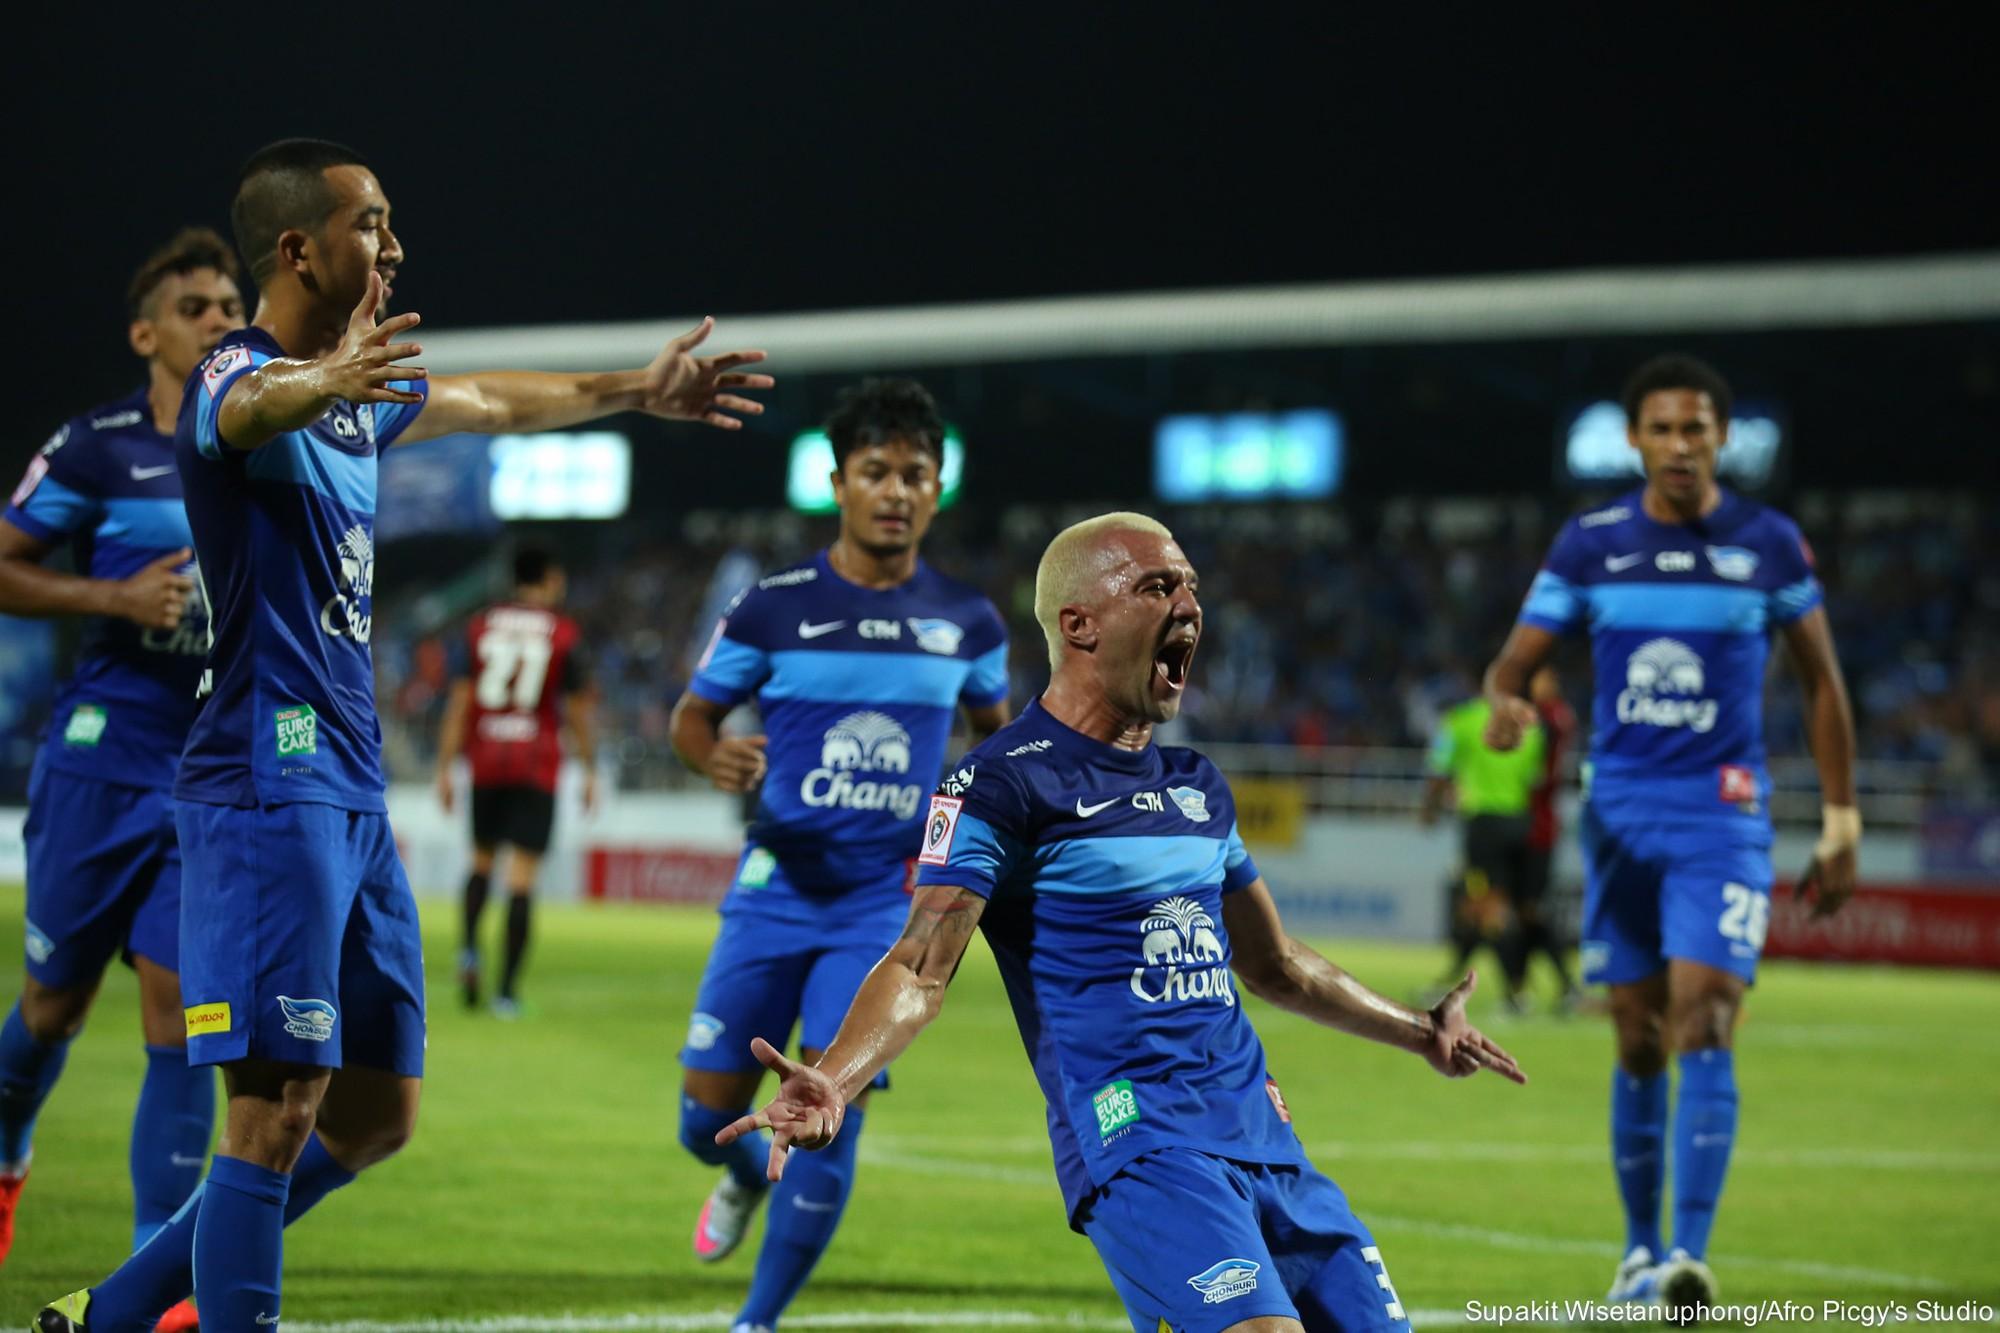 Mọi điều bạn cần biết về Thai League, giải đấu sở hữu sức hút khiến Đặng Văn Lâm không thể cưỡng lại - Ảnh 1.